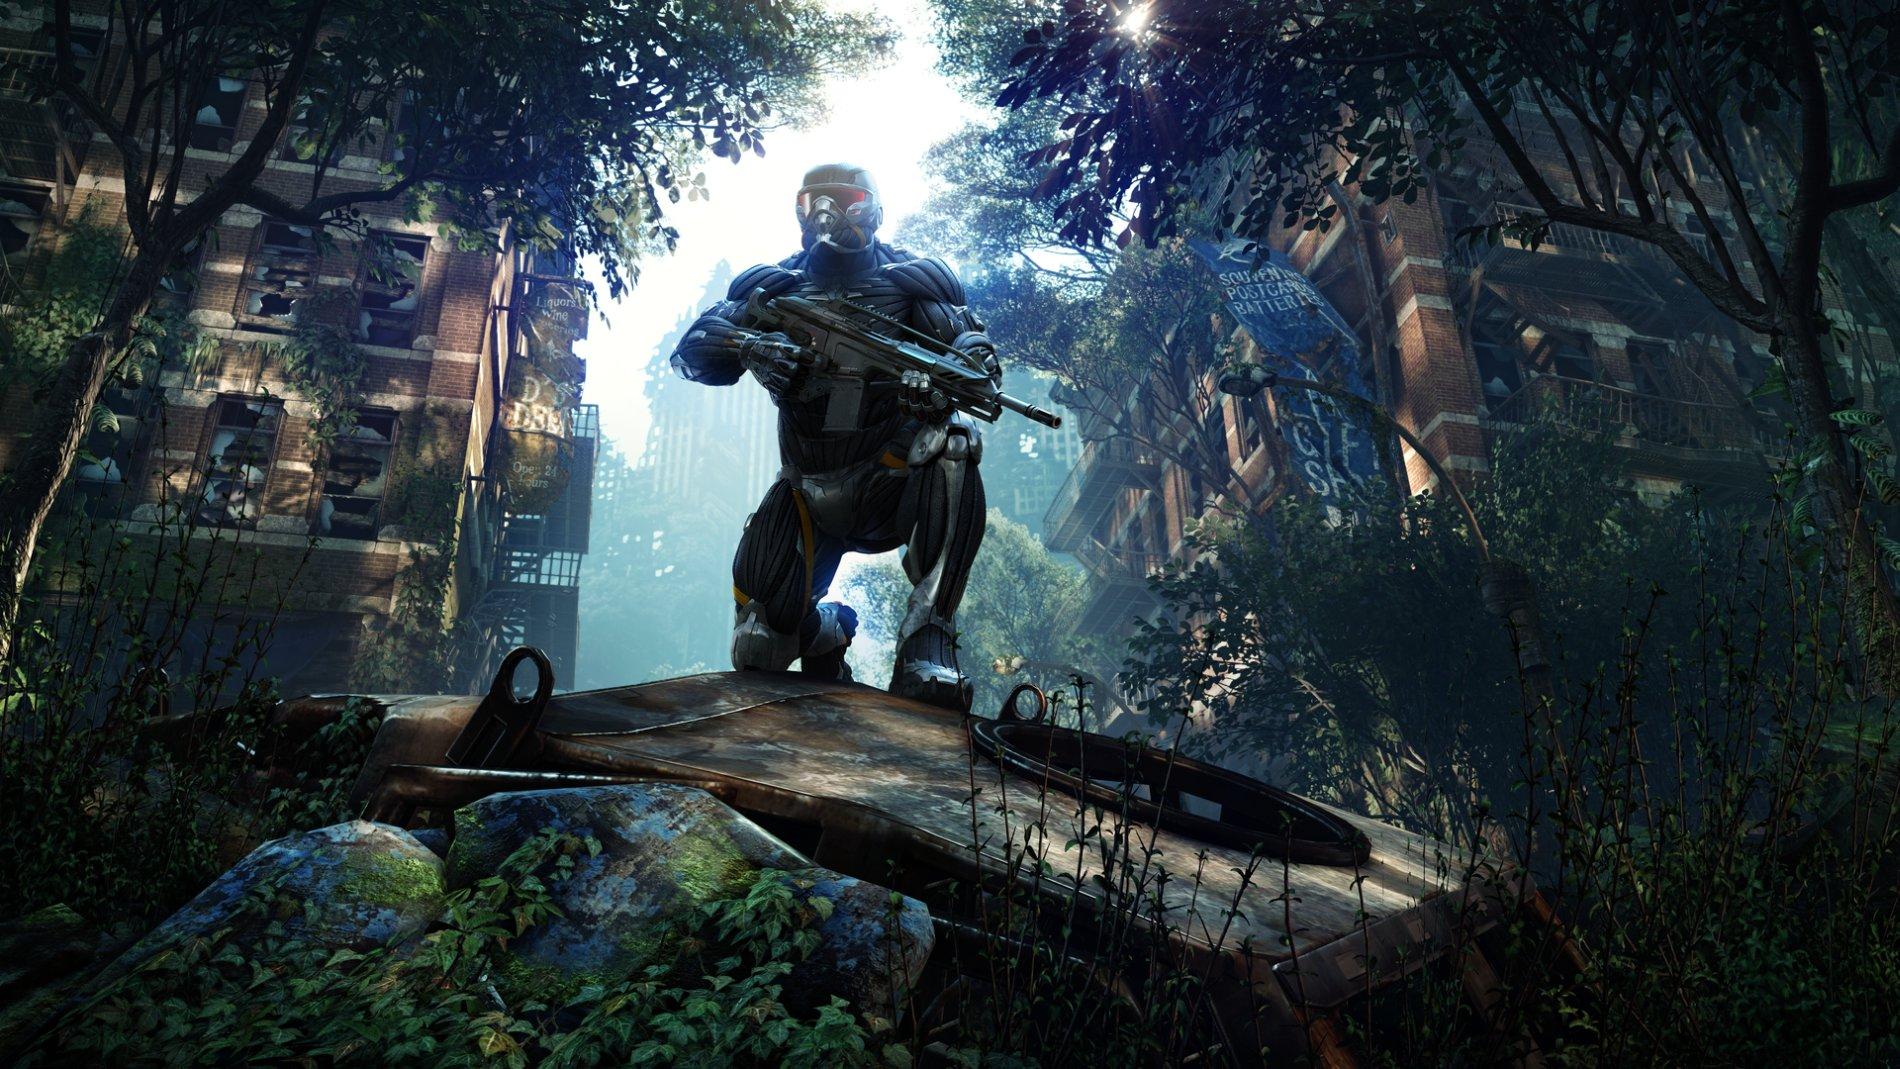 Crysis 3 ma ogromne wymagania sprzętowe, ale i tak będzie brzydszy od poprzednika